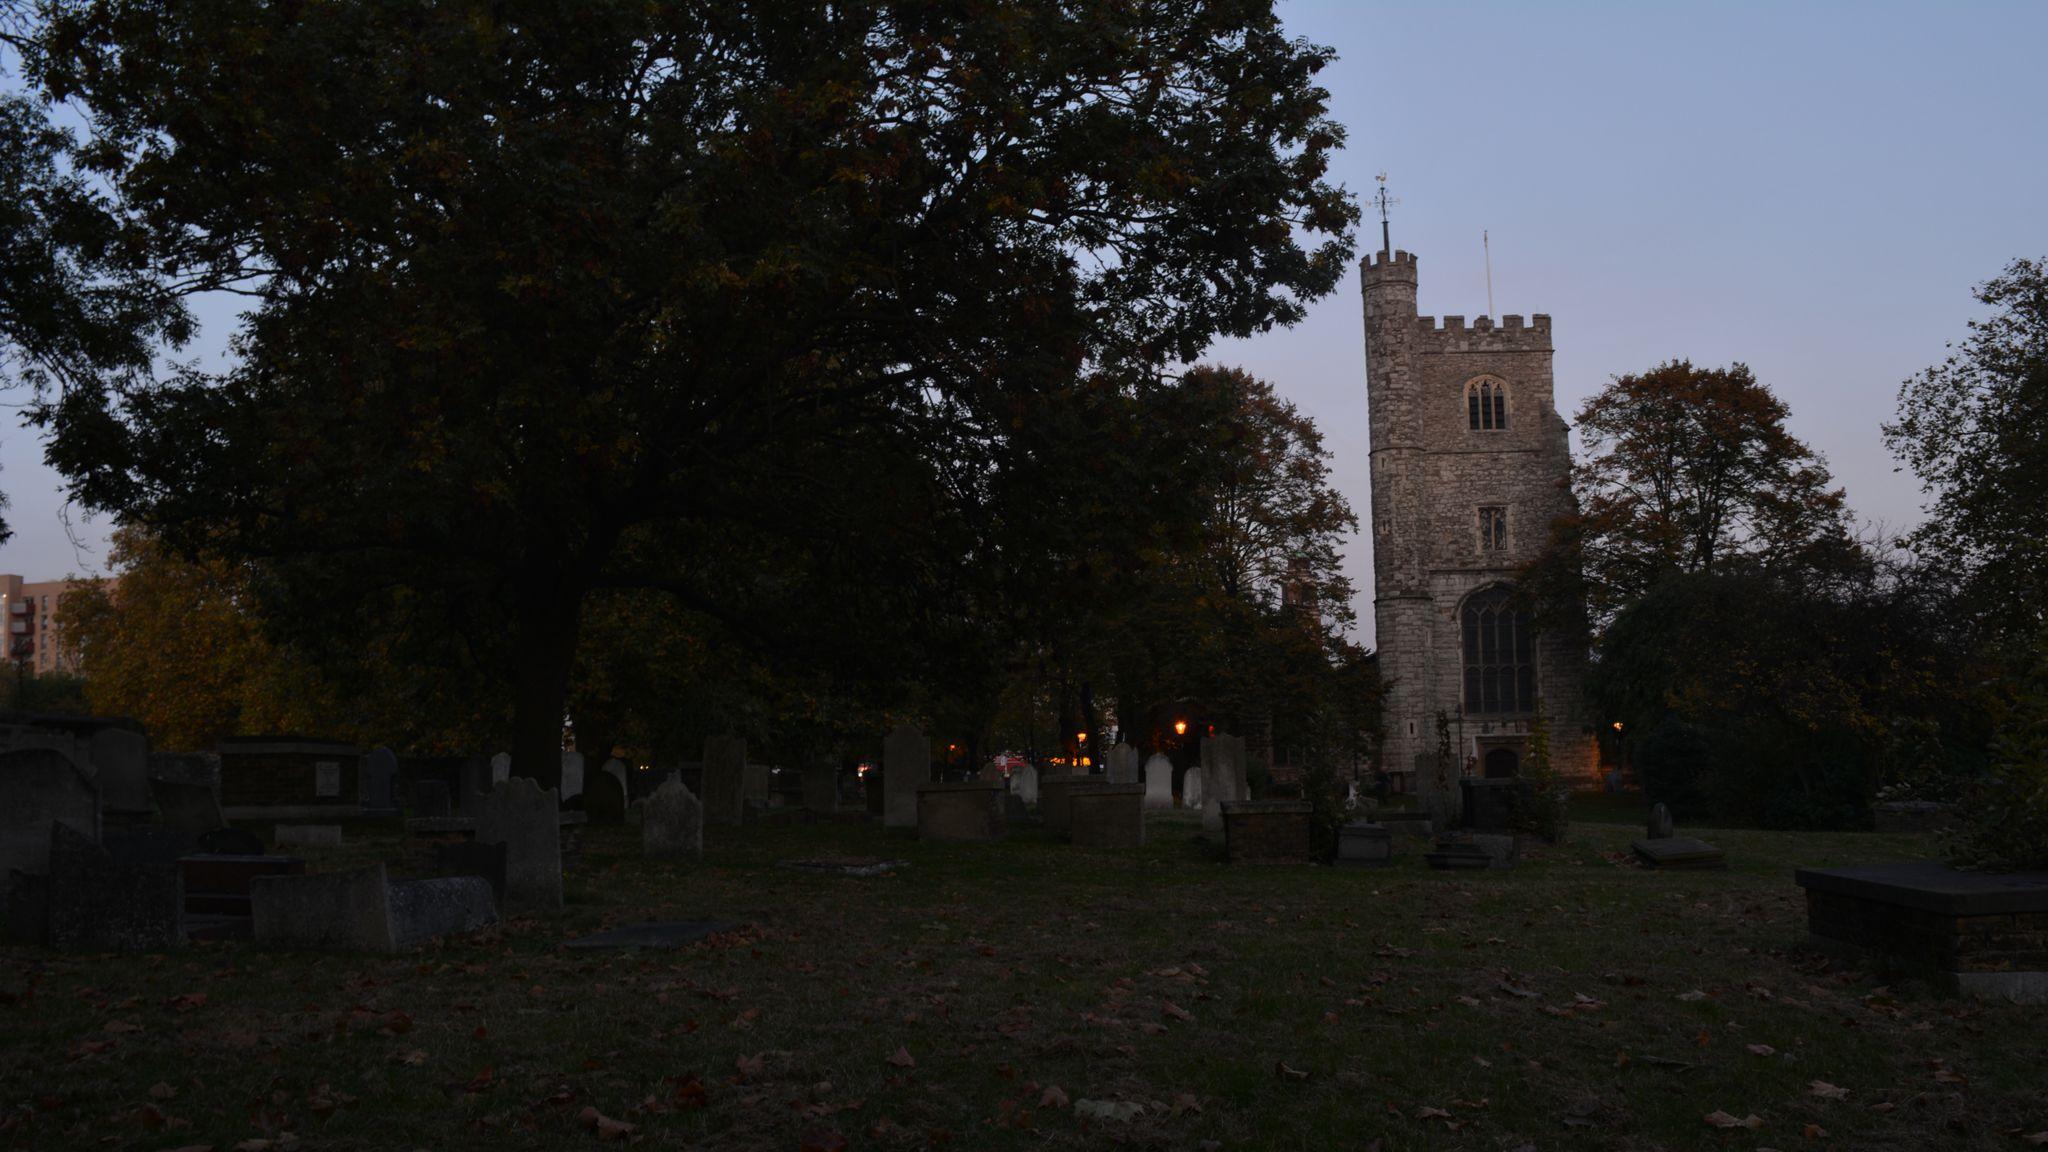 St Margaret's Church, Barking